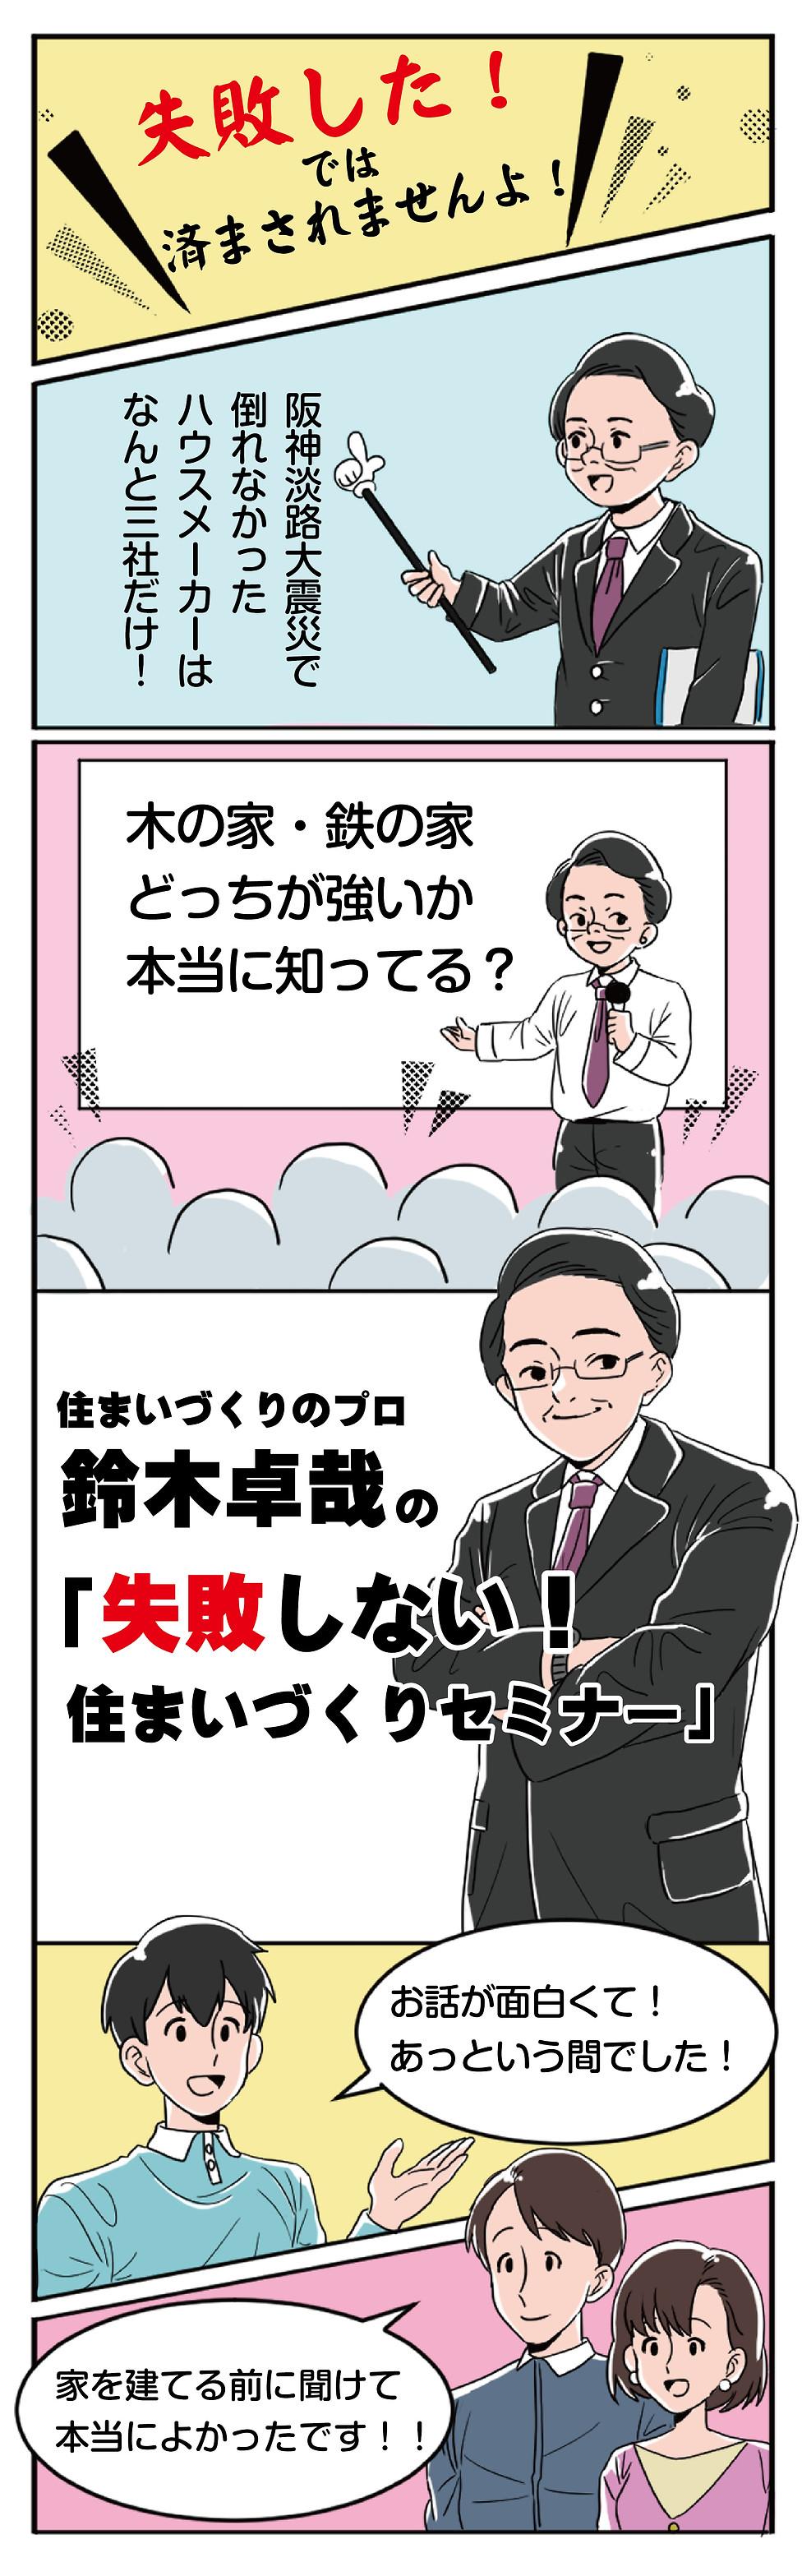 鈴木セミナーLP-01.jpg